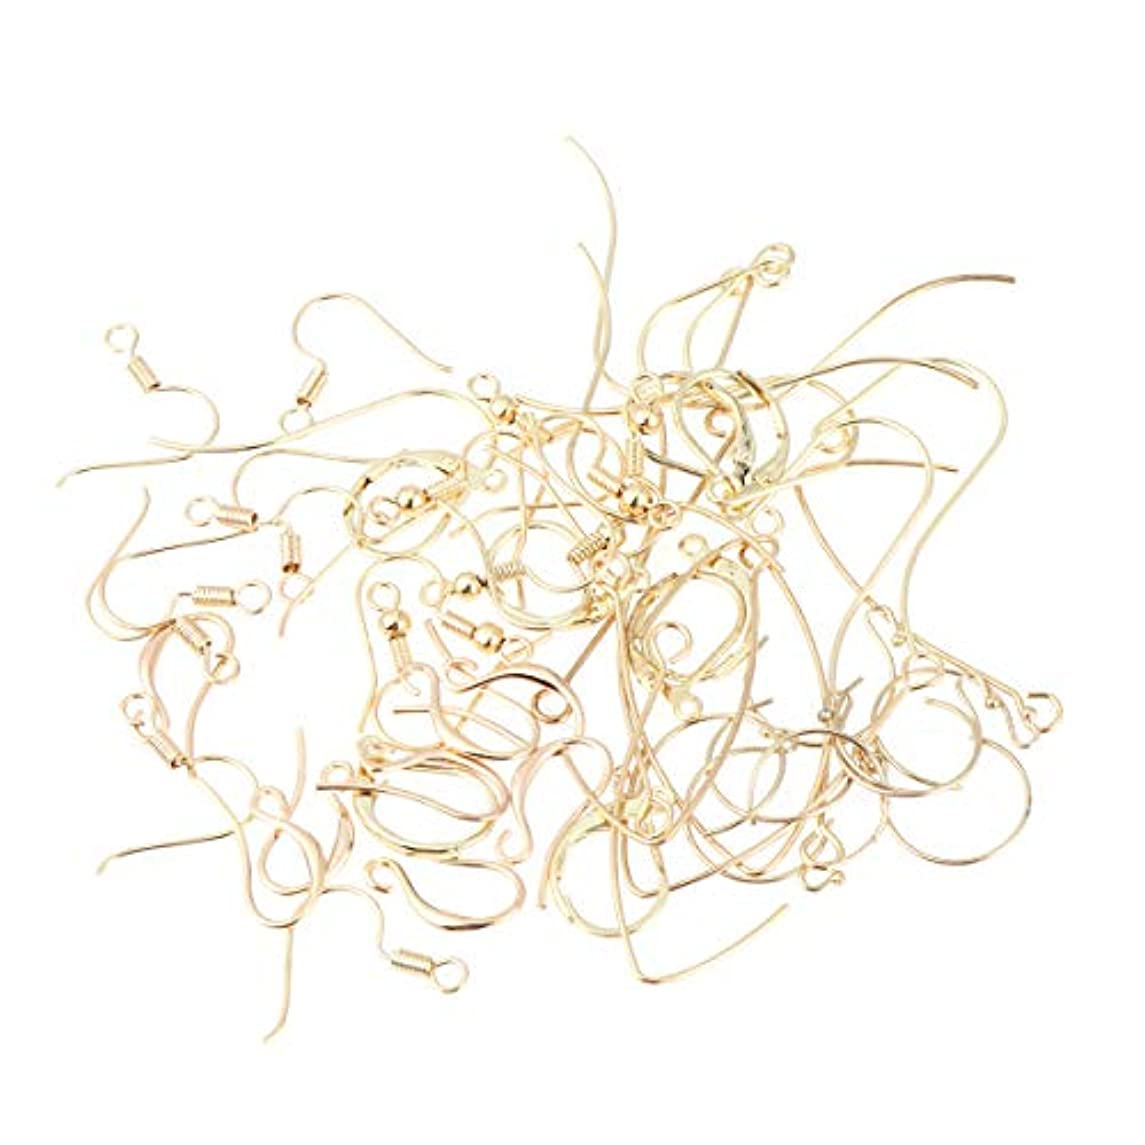 隔離する活気づける集まるHealifty 56個 イヤリング フック イヤワイヤー ボールコイル diy工芸品 ジュエリー